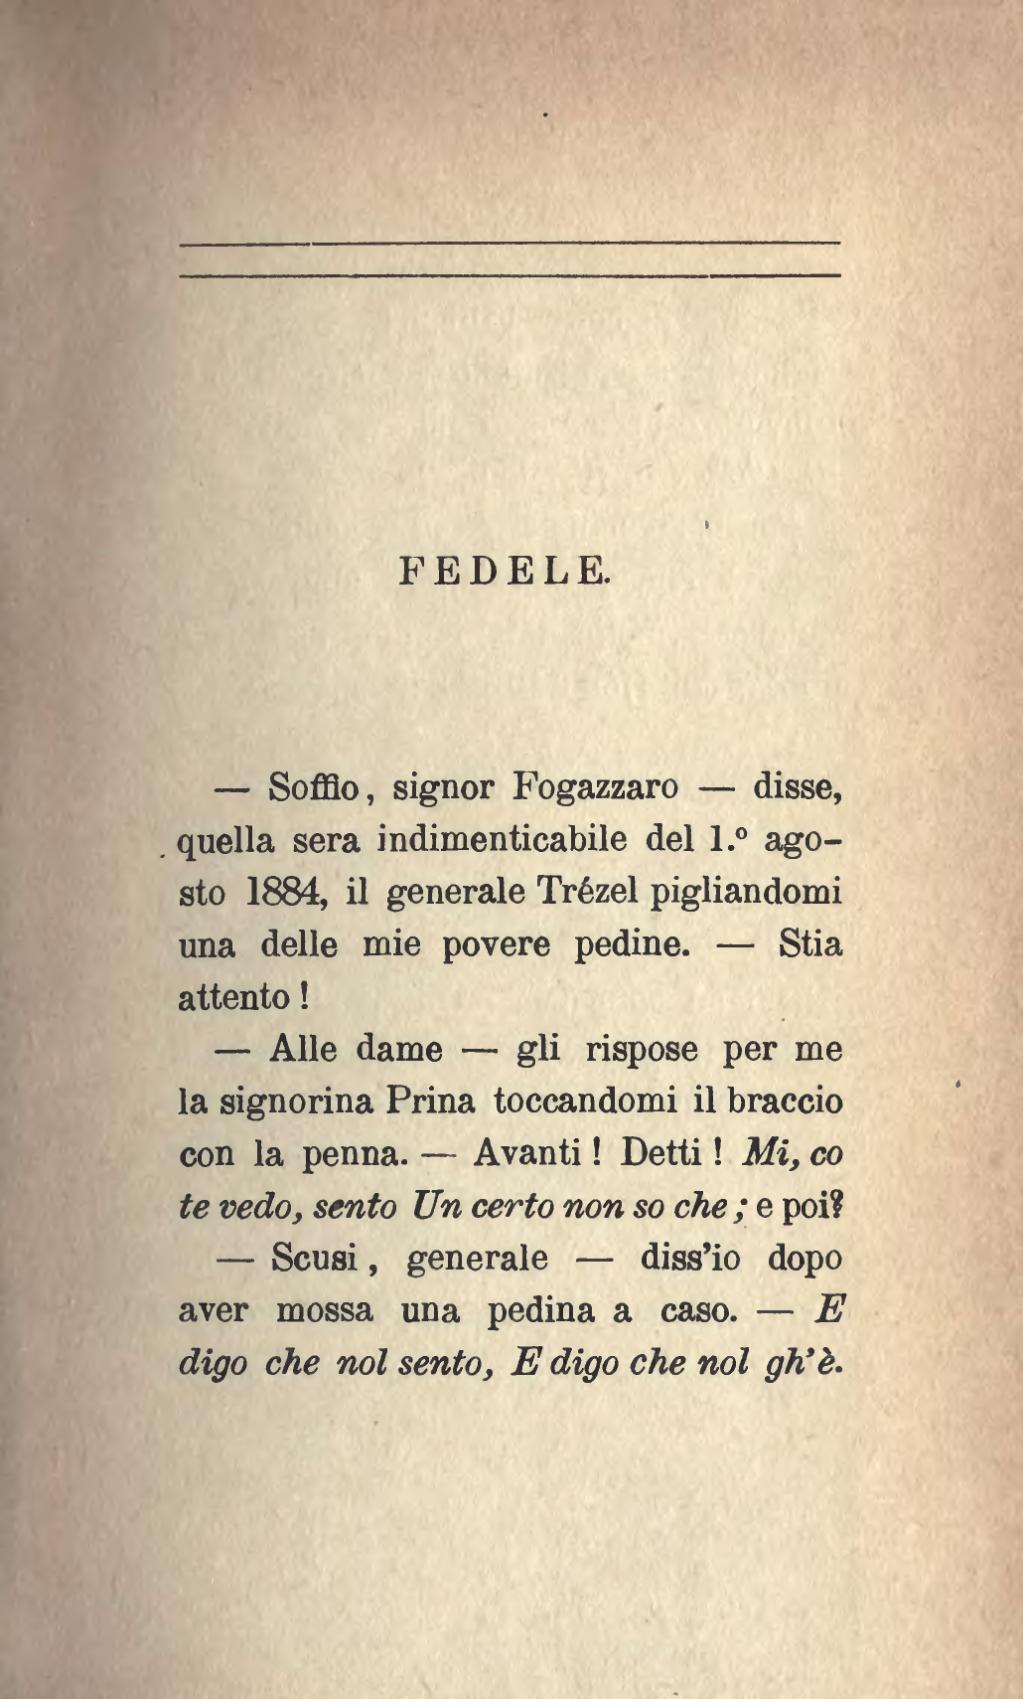 Un Certo Non So Che pagina:fedele, ed altri racconti (fogazzaro).djvu/21